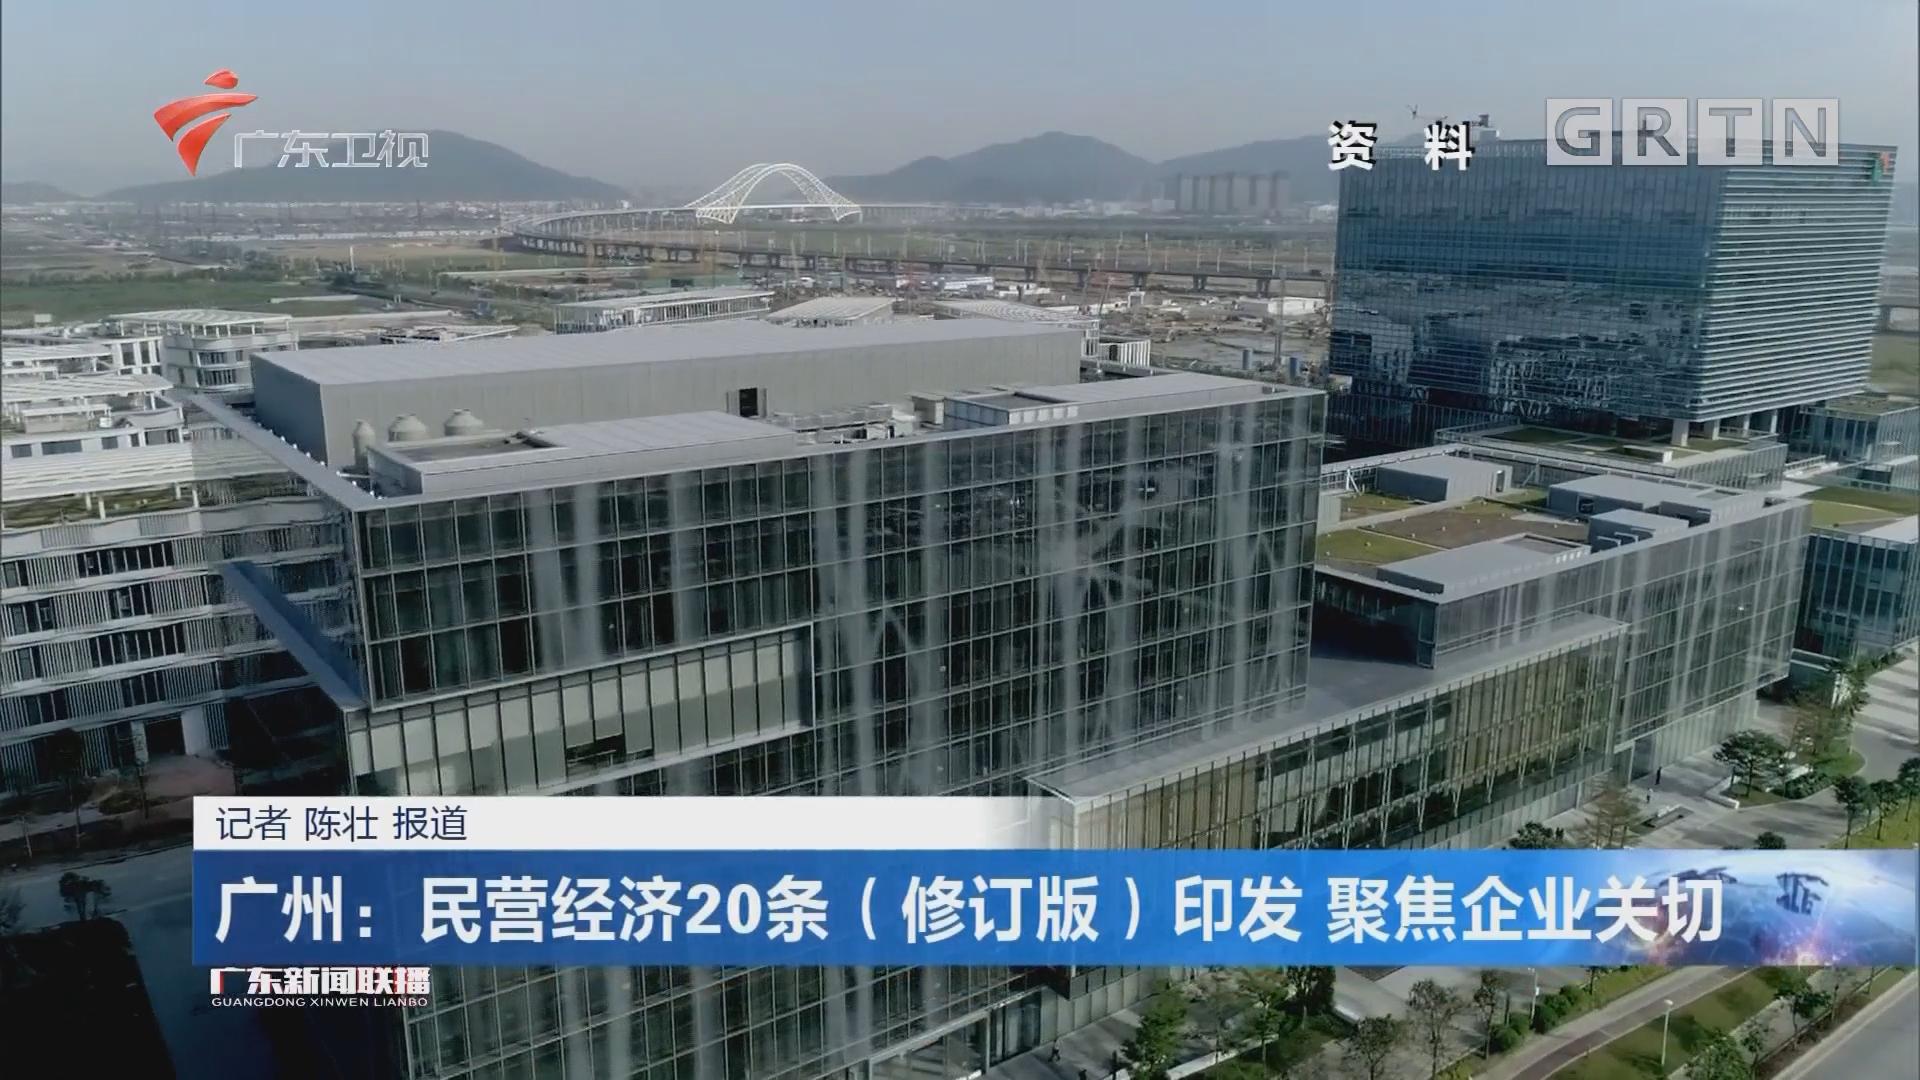 广州:民营经济20条(修订版)印发 聚焦企业关切